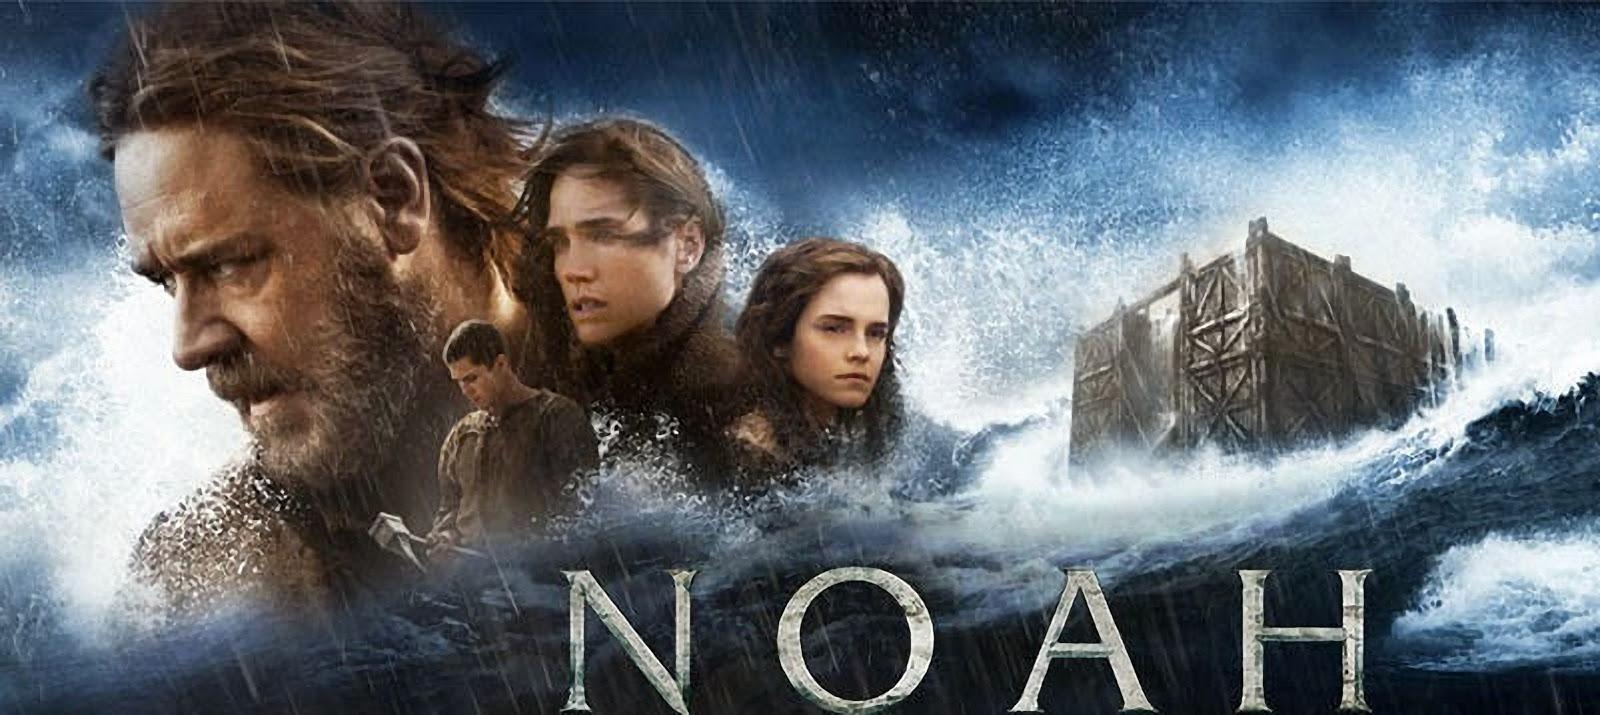 noah the full movie